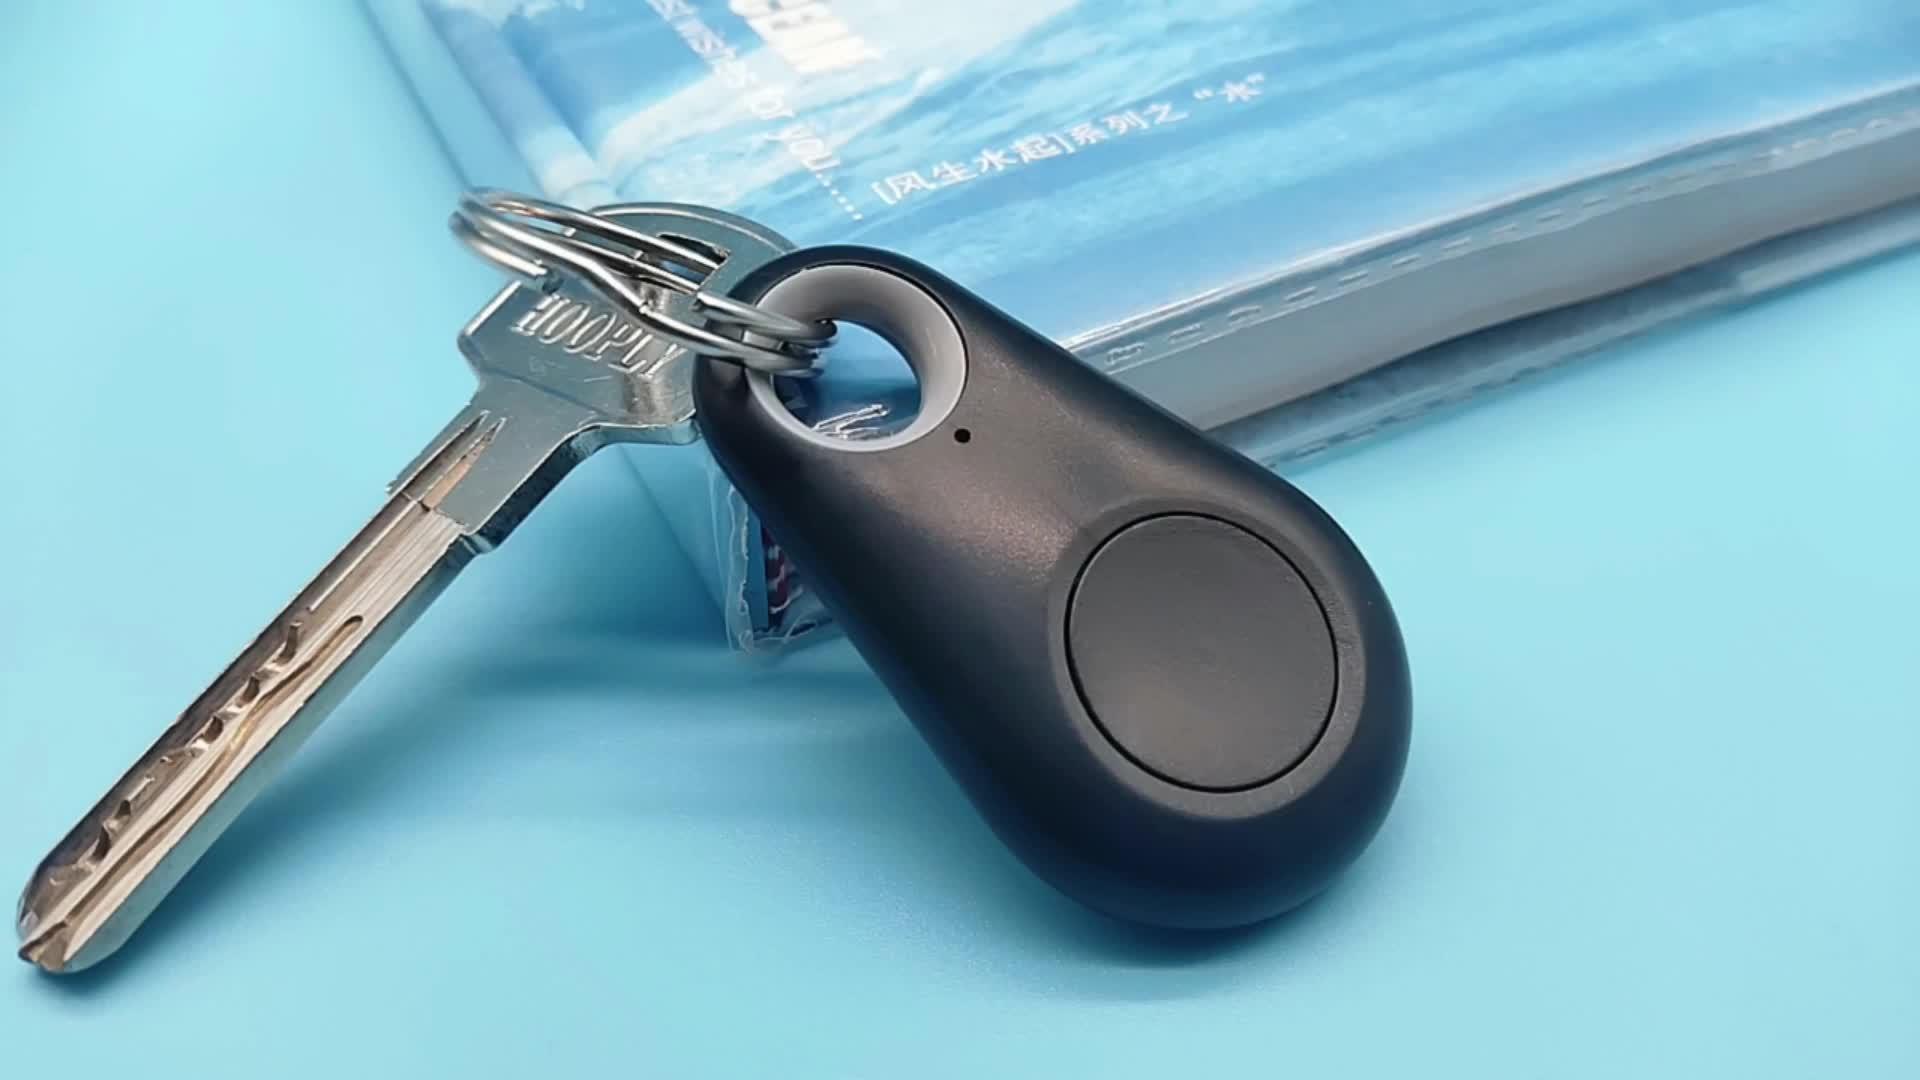 Promosi SMART Anti Hilang Alarm Swalle Pencari Kunci Nirkabel Smart Wallet Pelacakan Perangkat Bluetooth Key Finder